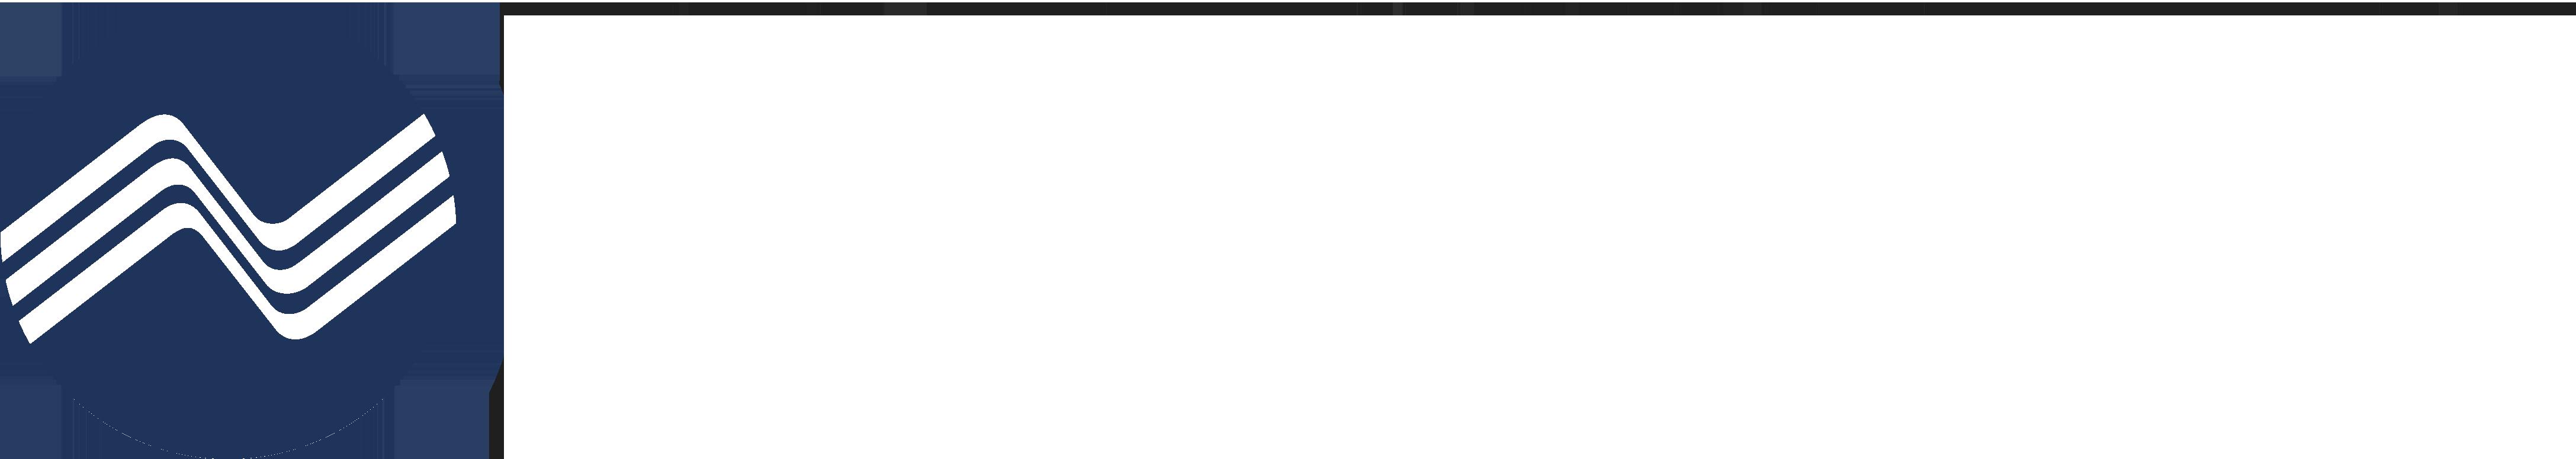 PES Environmental, Inc.